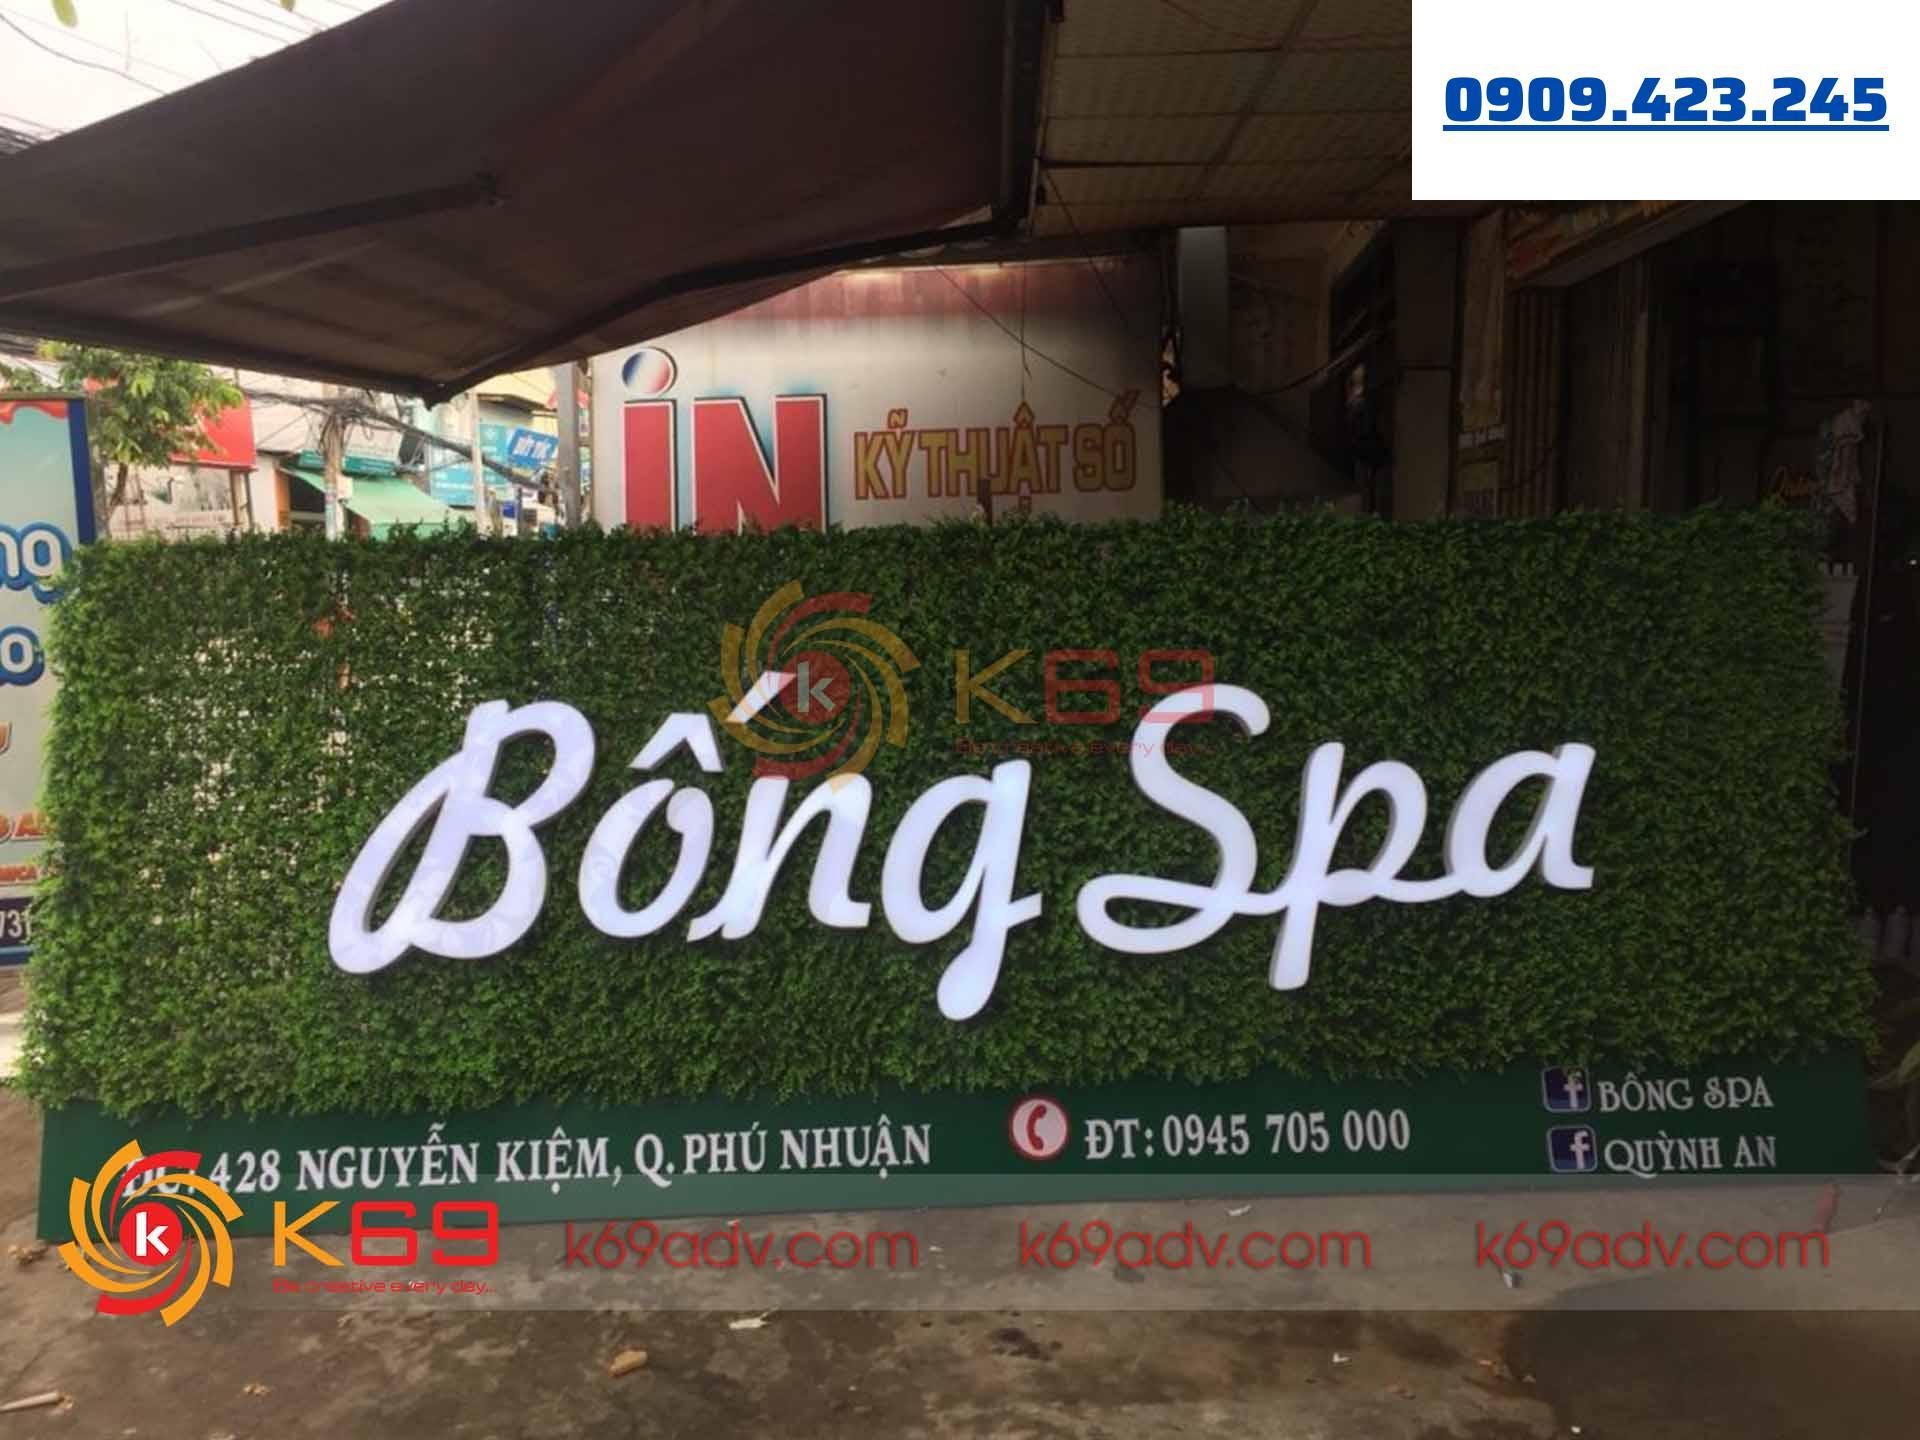 Làm bảng hiệu tại quận Phú Nhuận cho Bống Spa